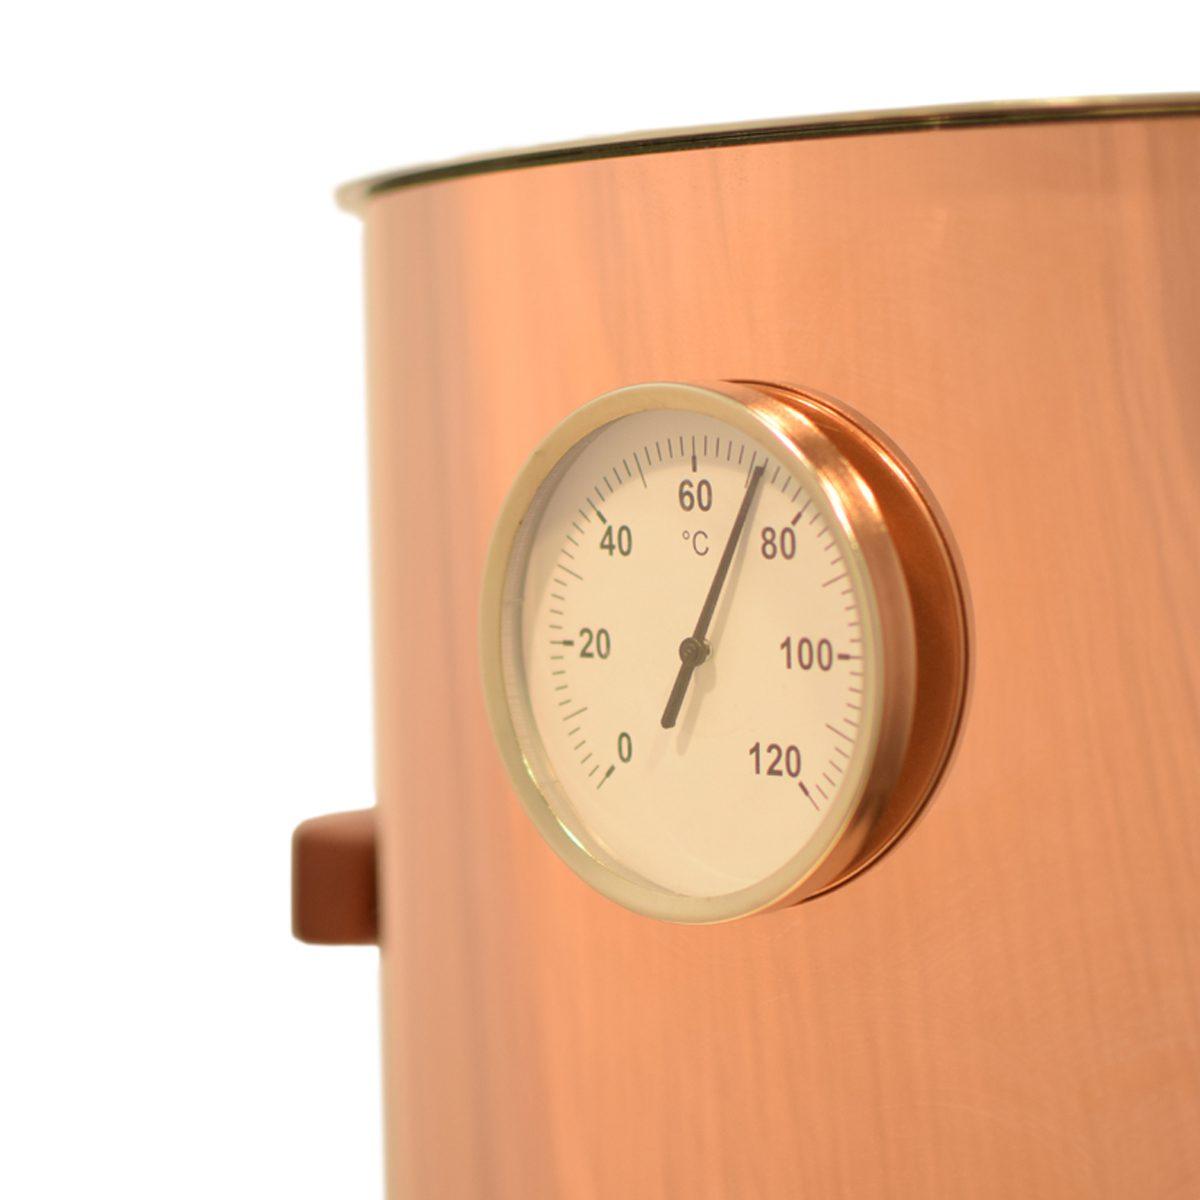 Glühweintopf mit Glühweinthermometer